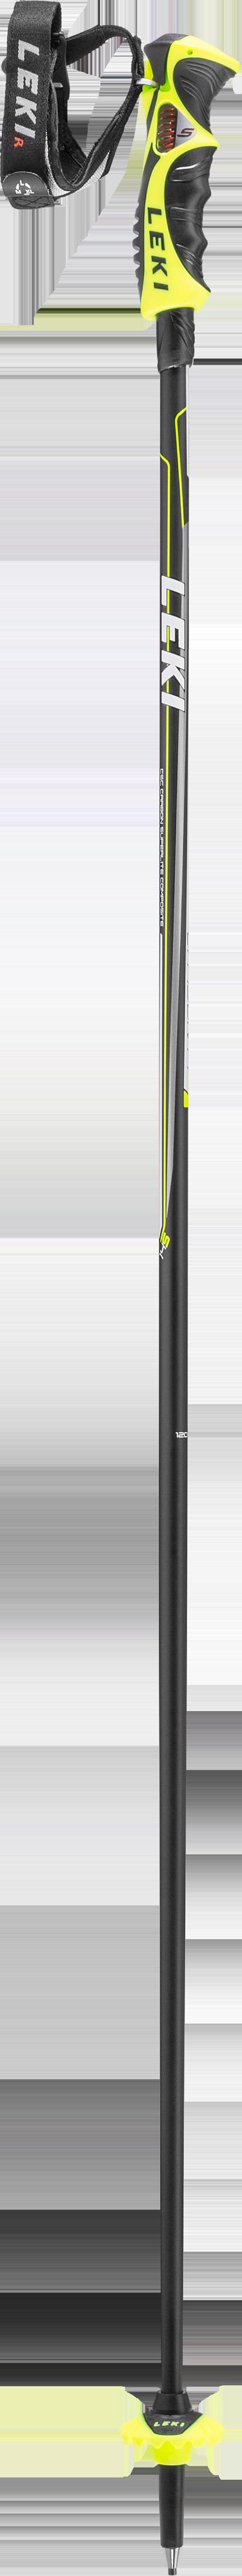 Carbon 14S 130cm